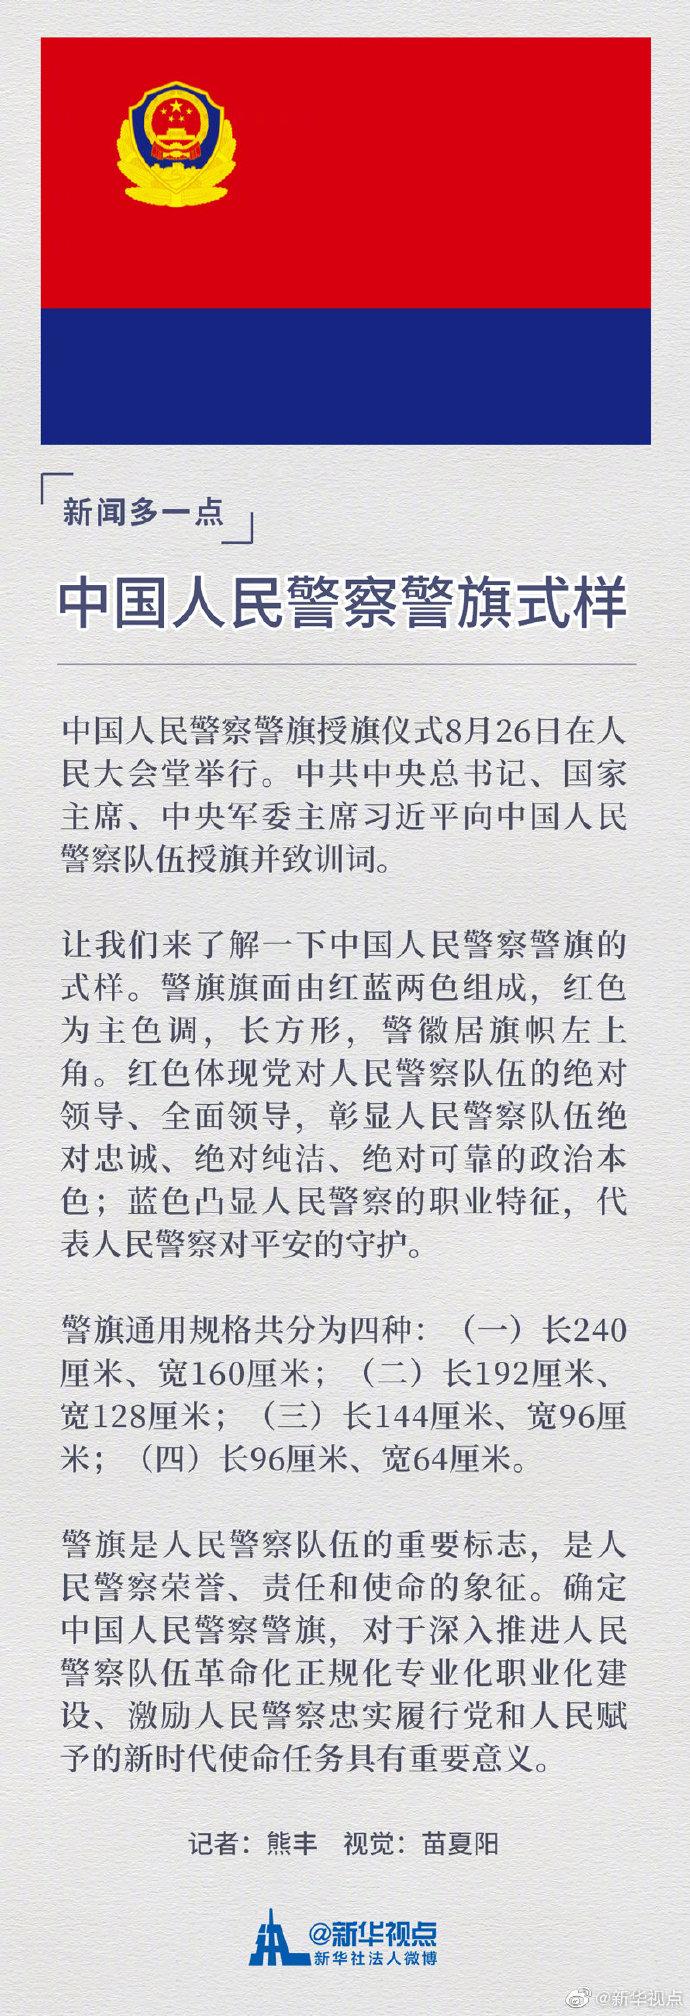 中国人民警察警旗式样公布(图)